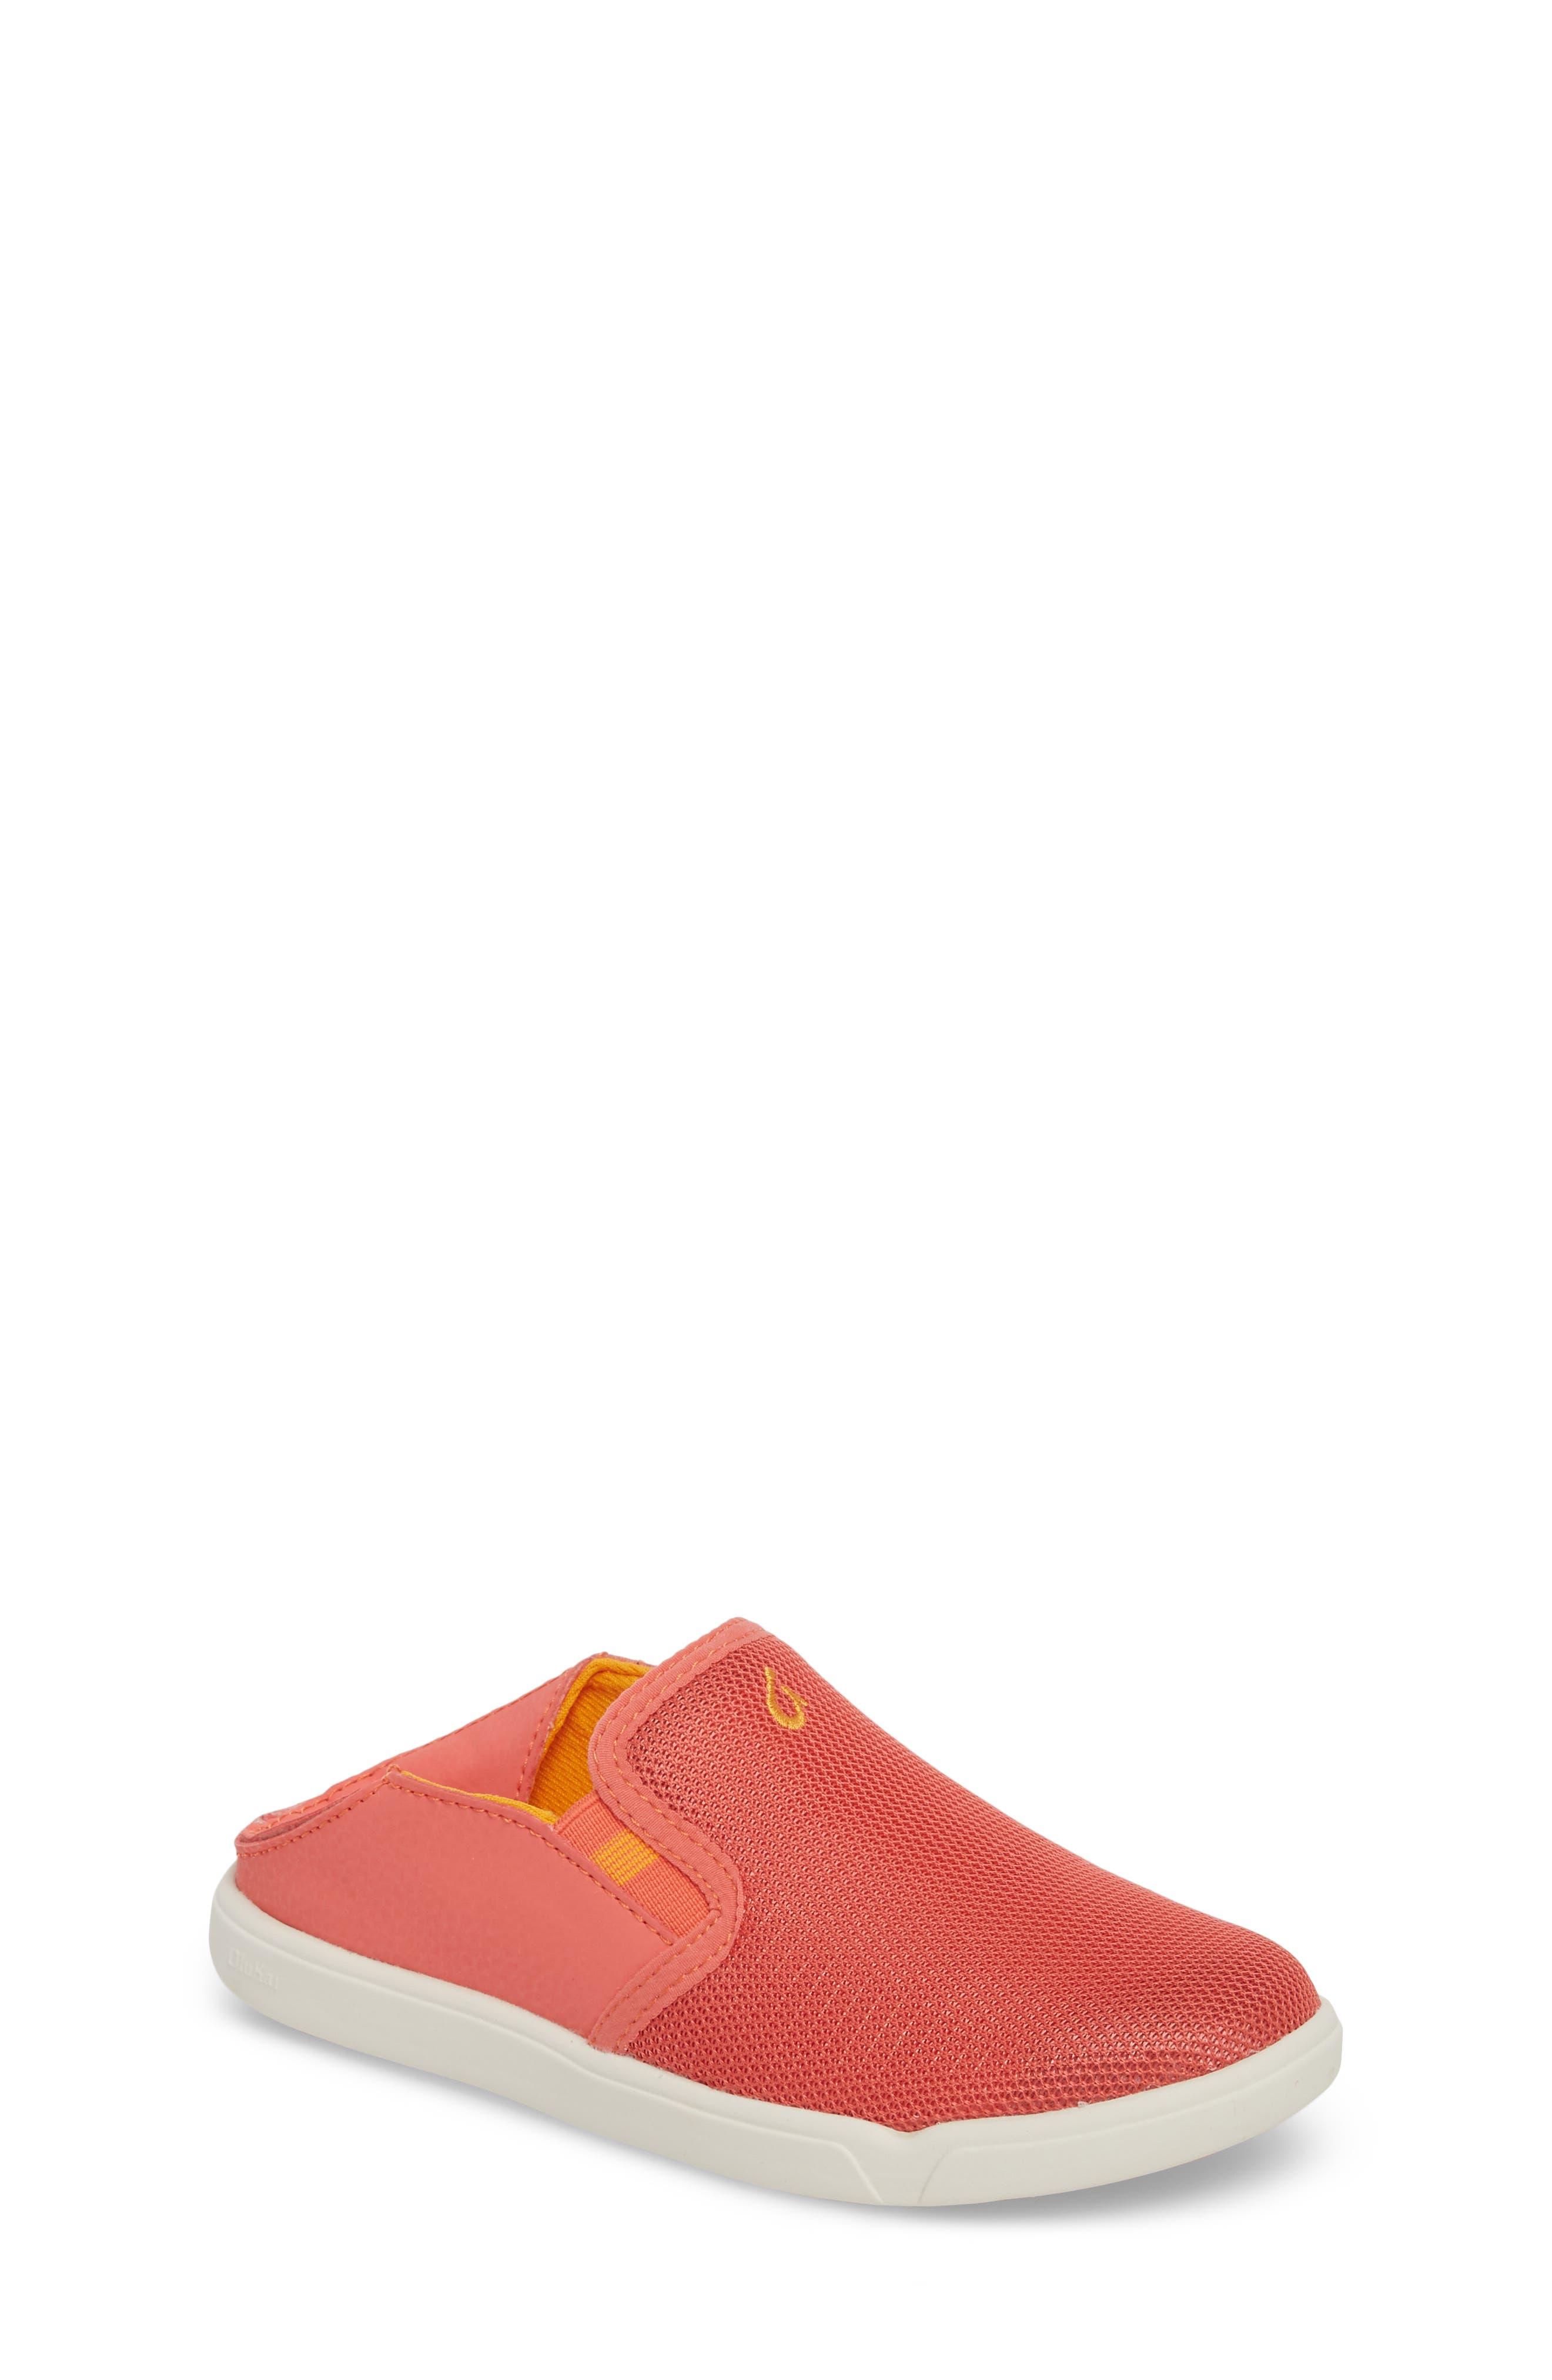 OluKai Pehuea Maka Collapsible Slip-On (Toddler, Little Kid & Big Kid)